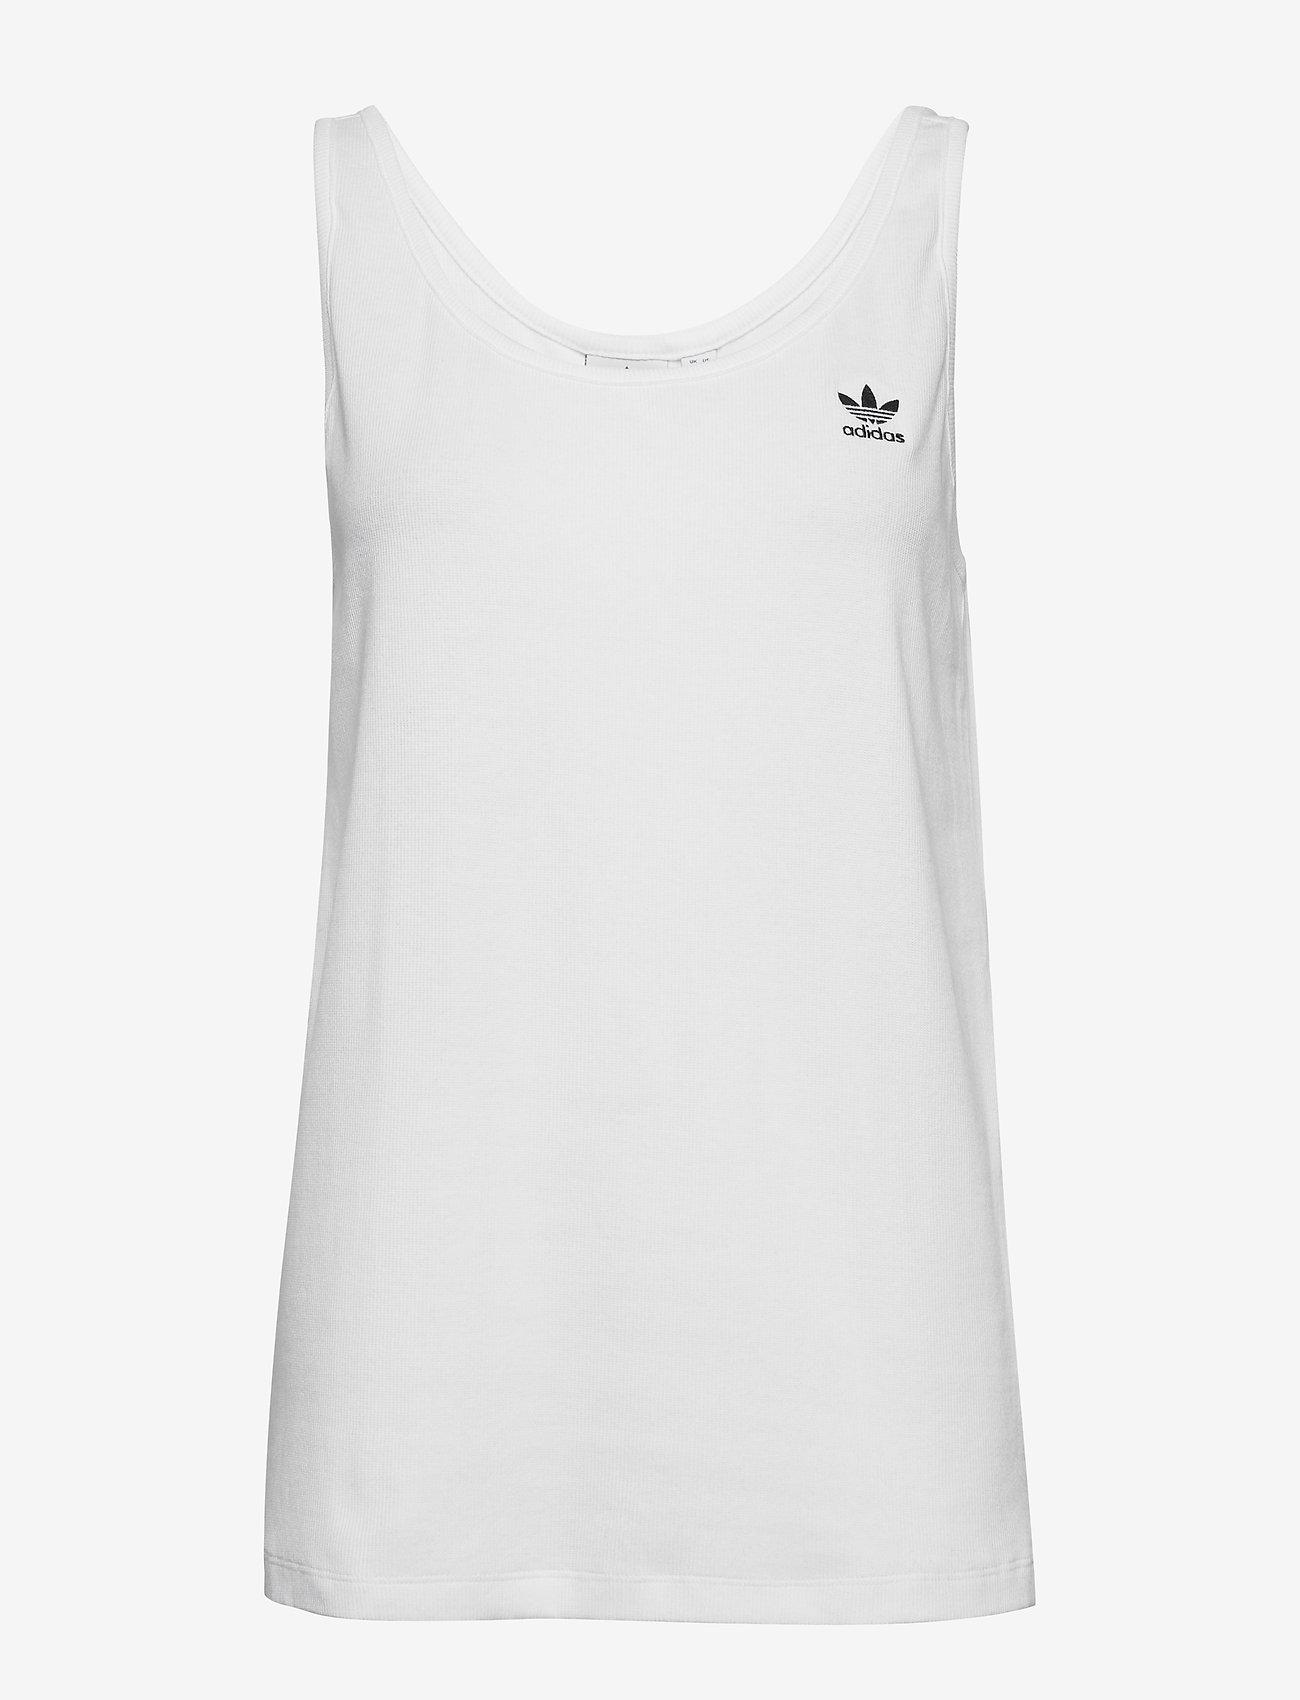 adidas Originals - TANK TOP - sportoberteile - white/black - 0